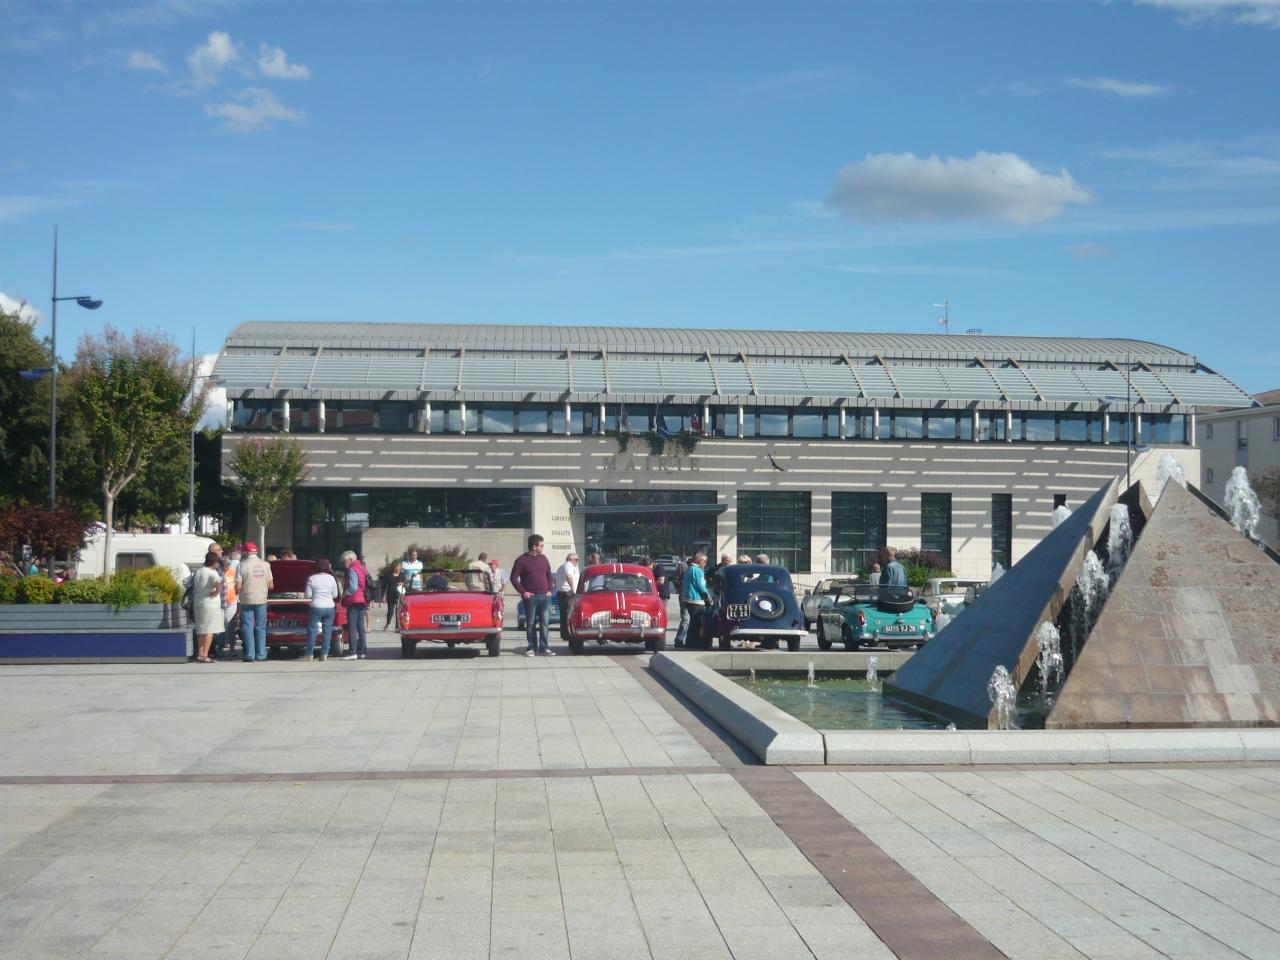 Journ e du patrimoine 2017 devant la mairie de portes l s valence 05 - Mairie de portes les valence ...